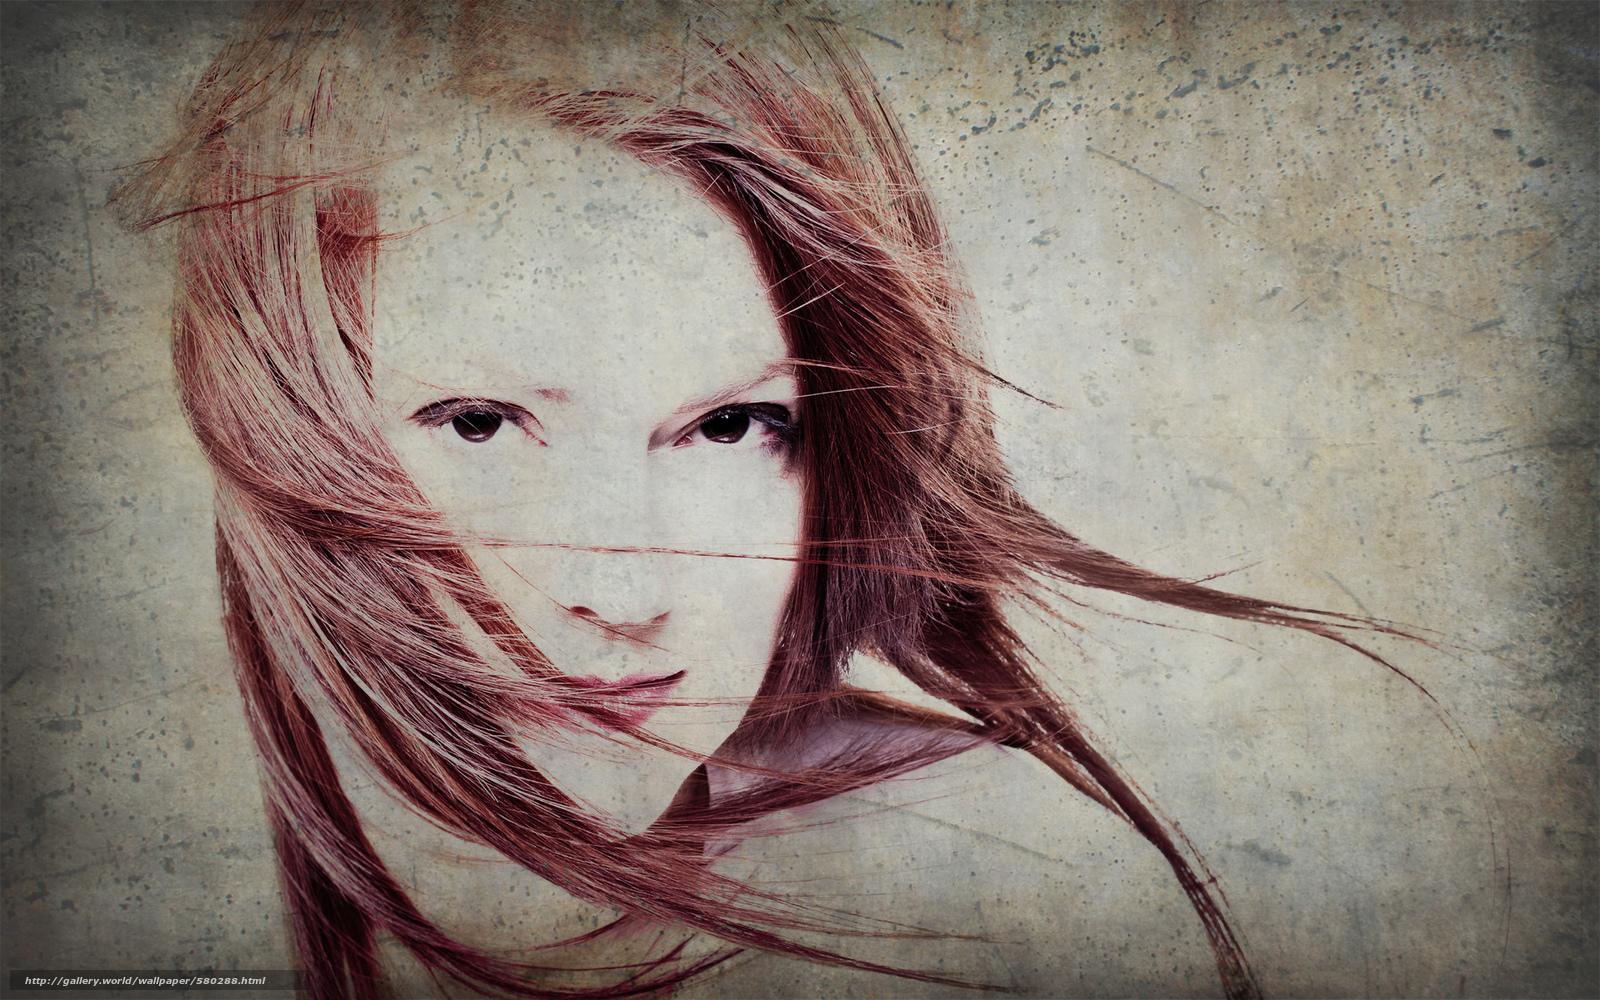 Tlcharger Fond d'ecran portrait, Style, fille Fonds d'ecran gratuits pour votre rsolution du ...